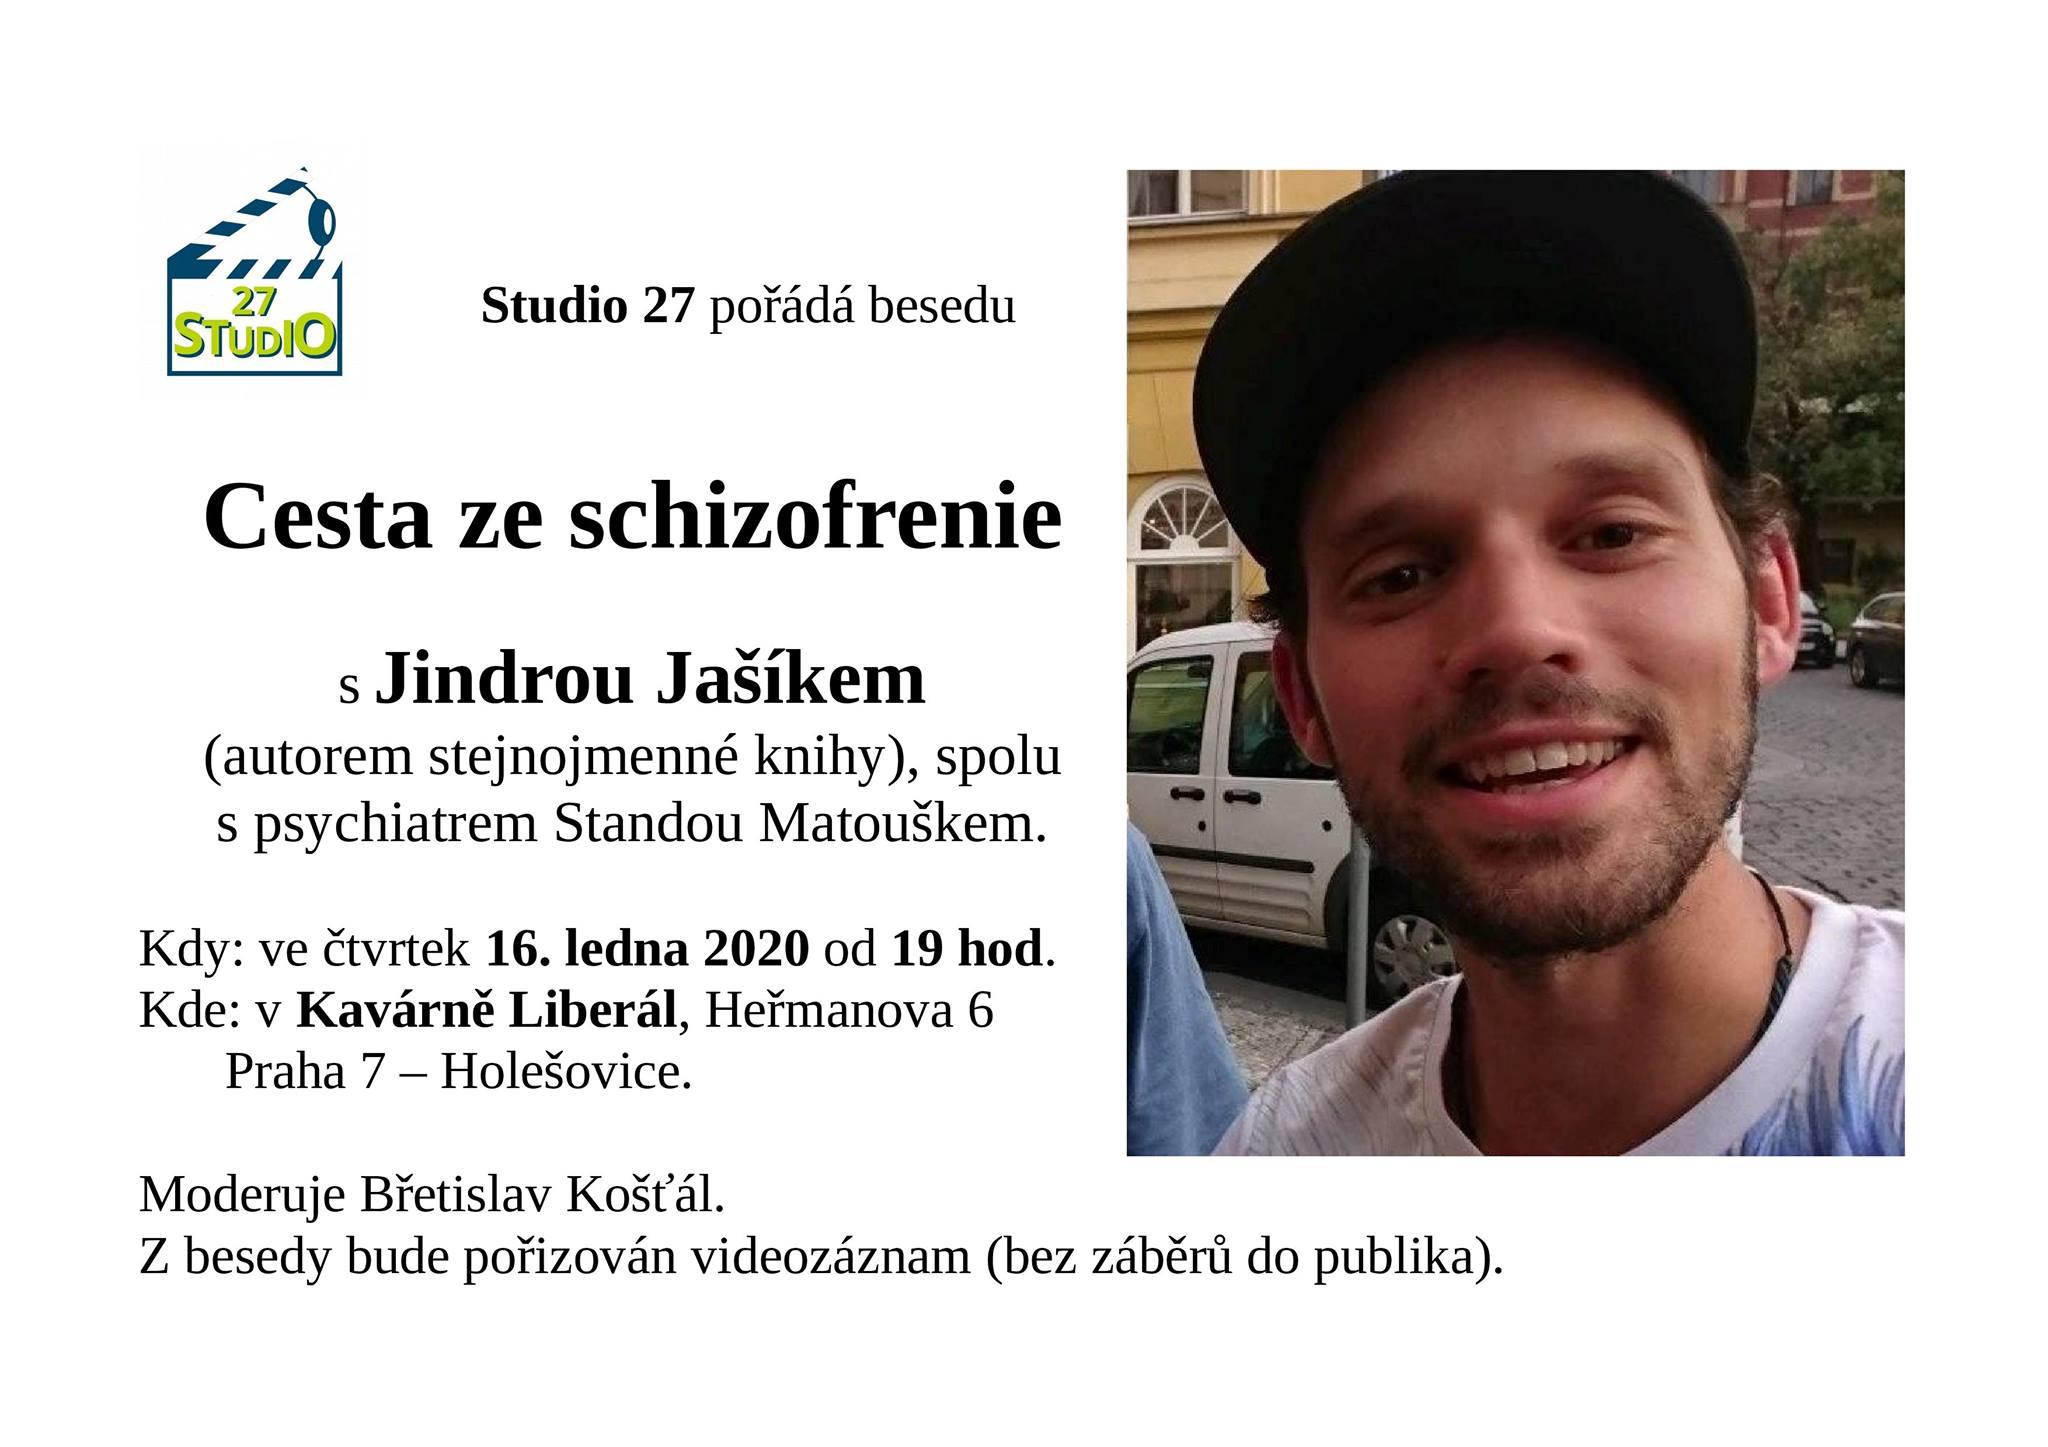 Studio 27 - Beseda s Jindřichem Jašíkem, 16.1.2020 v 19h v Kavárně Liberál